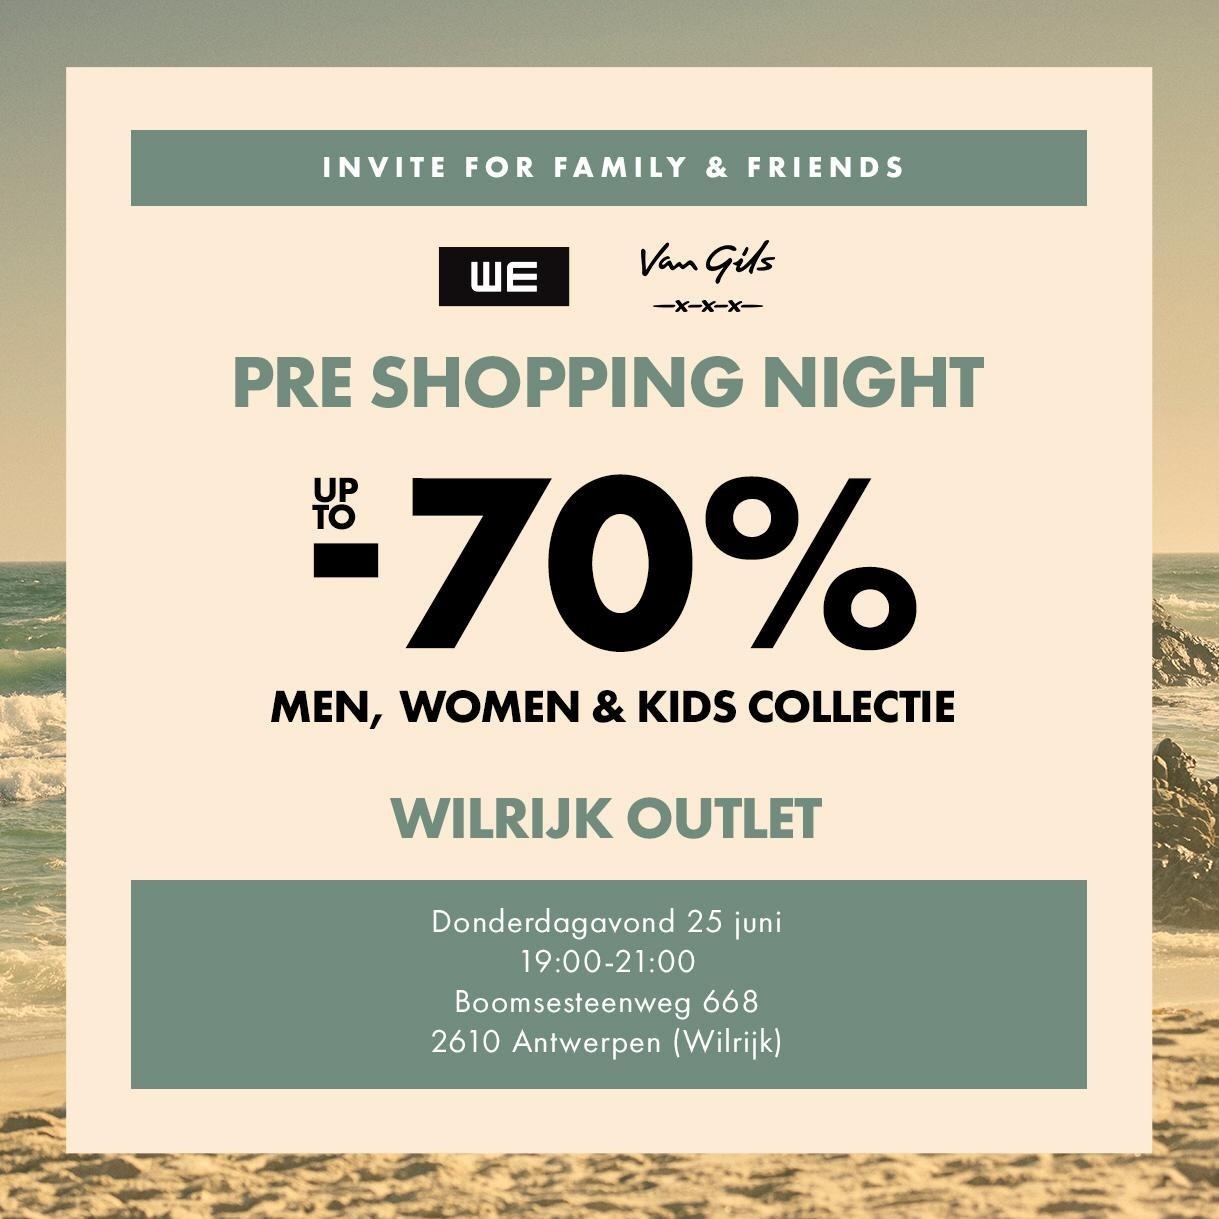 Kortingen tot 70% Shopping night WE Fashion + Van Gils @Wilrijk Antwerpen 25 juni 19:00-21:00